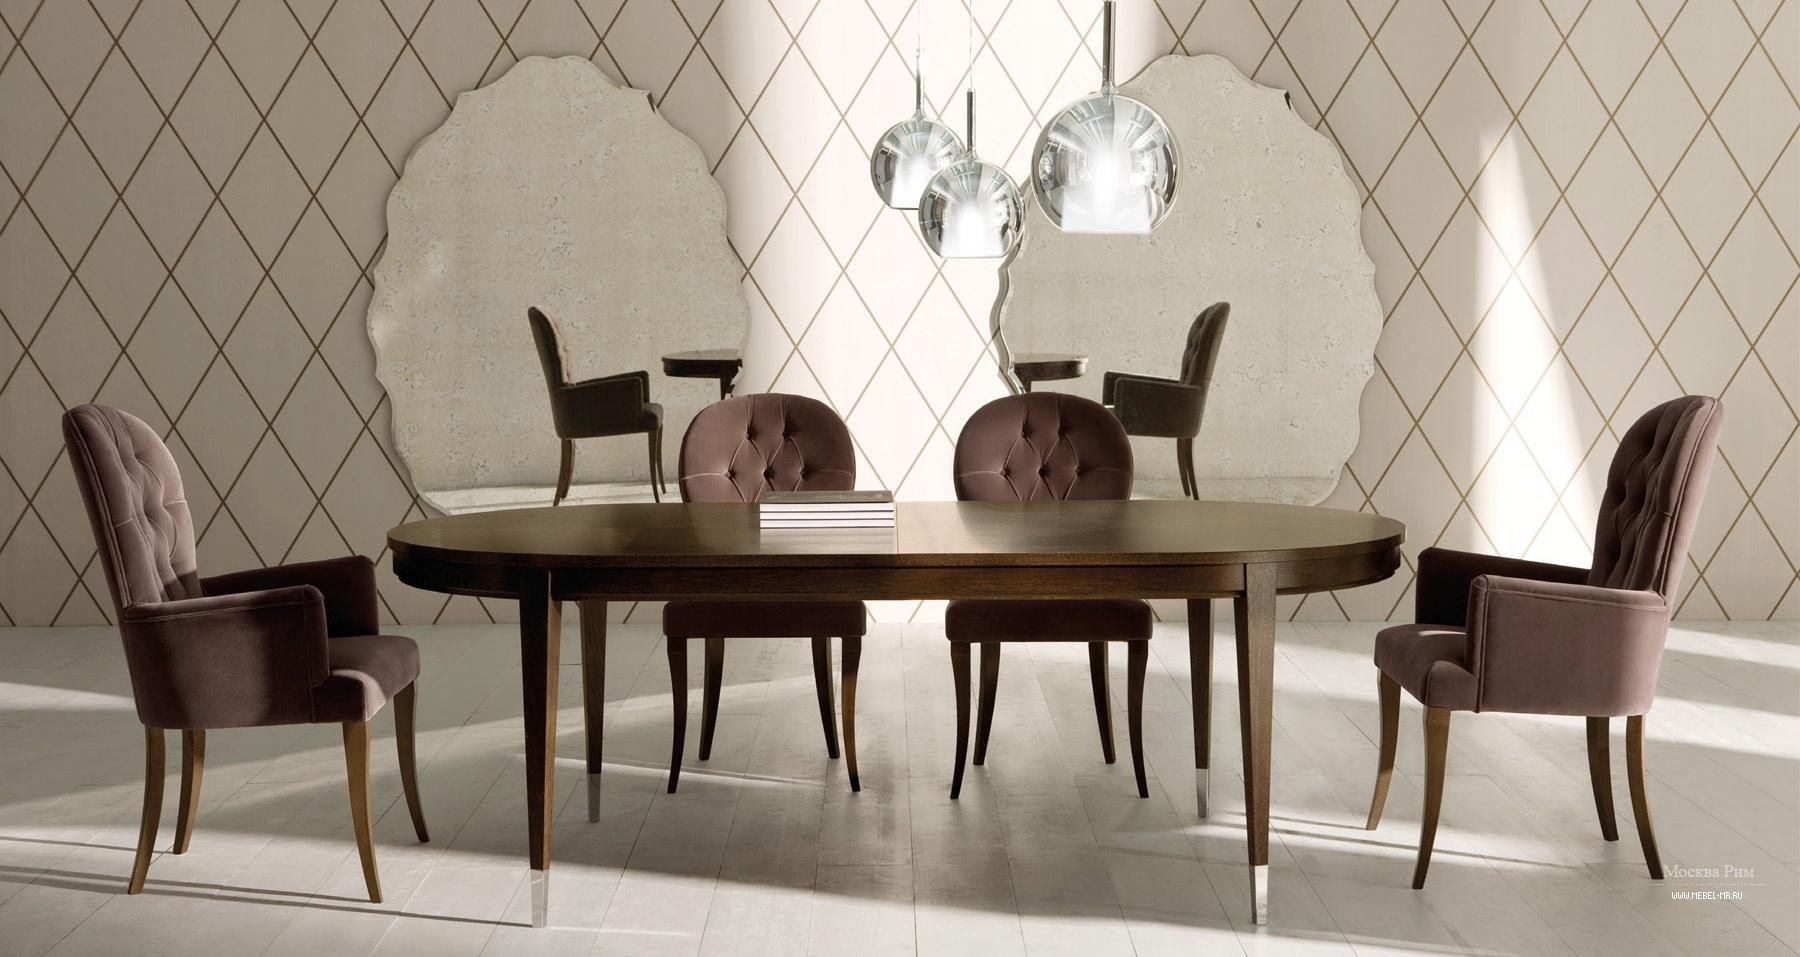 Мягкий стул-кресло с подлокотниками - особенный предмет интерьера и способ поразить гостей